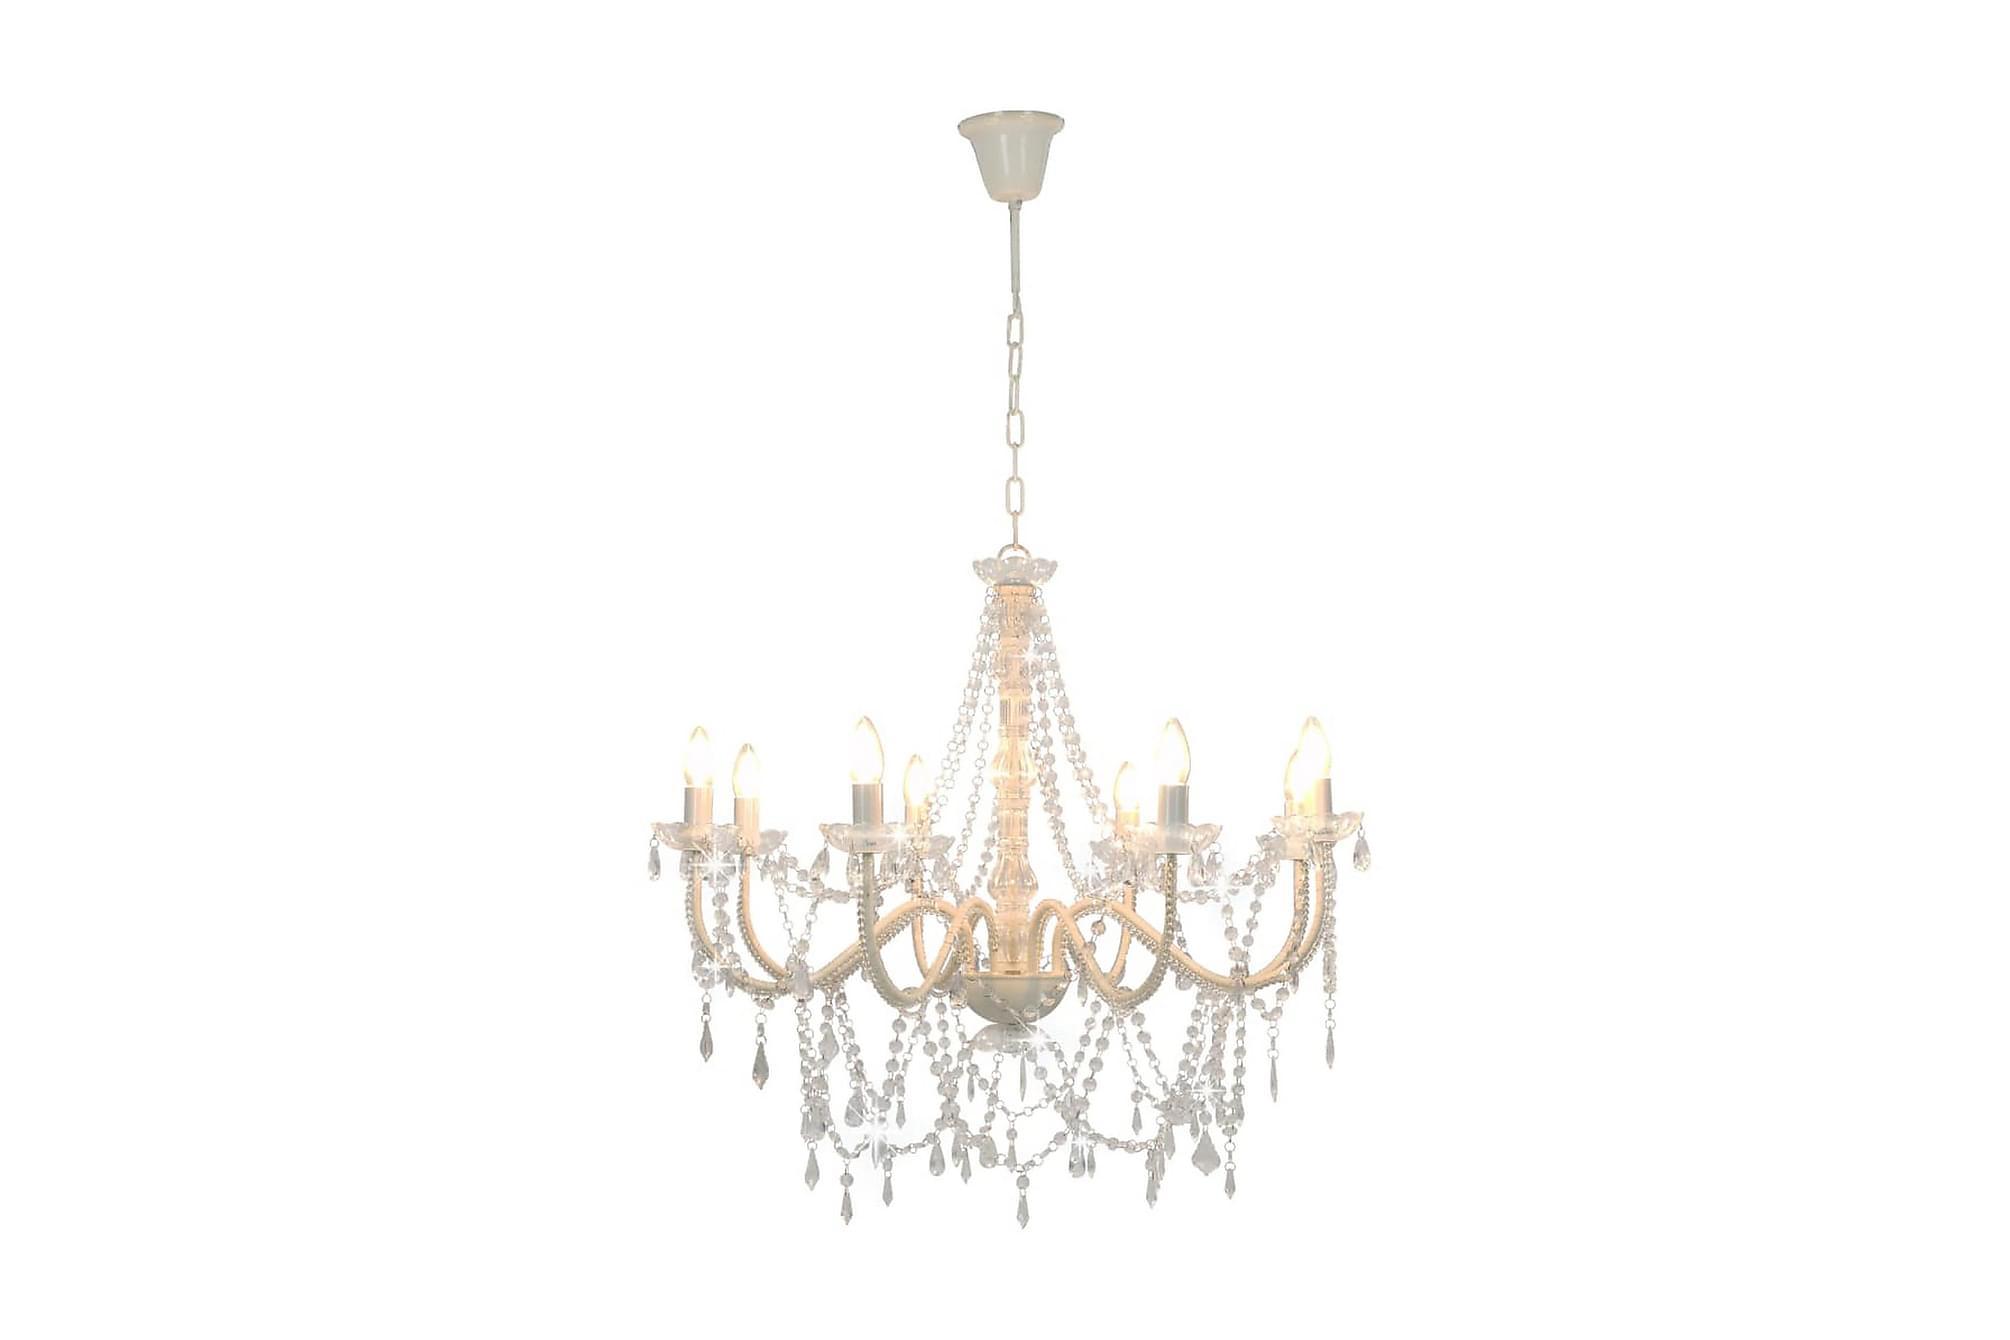 Takkrona med pärlor vit 8 x E14-glödlampor, Taklampor